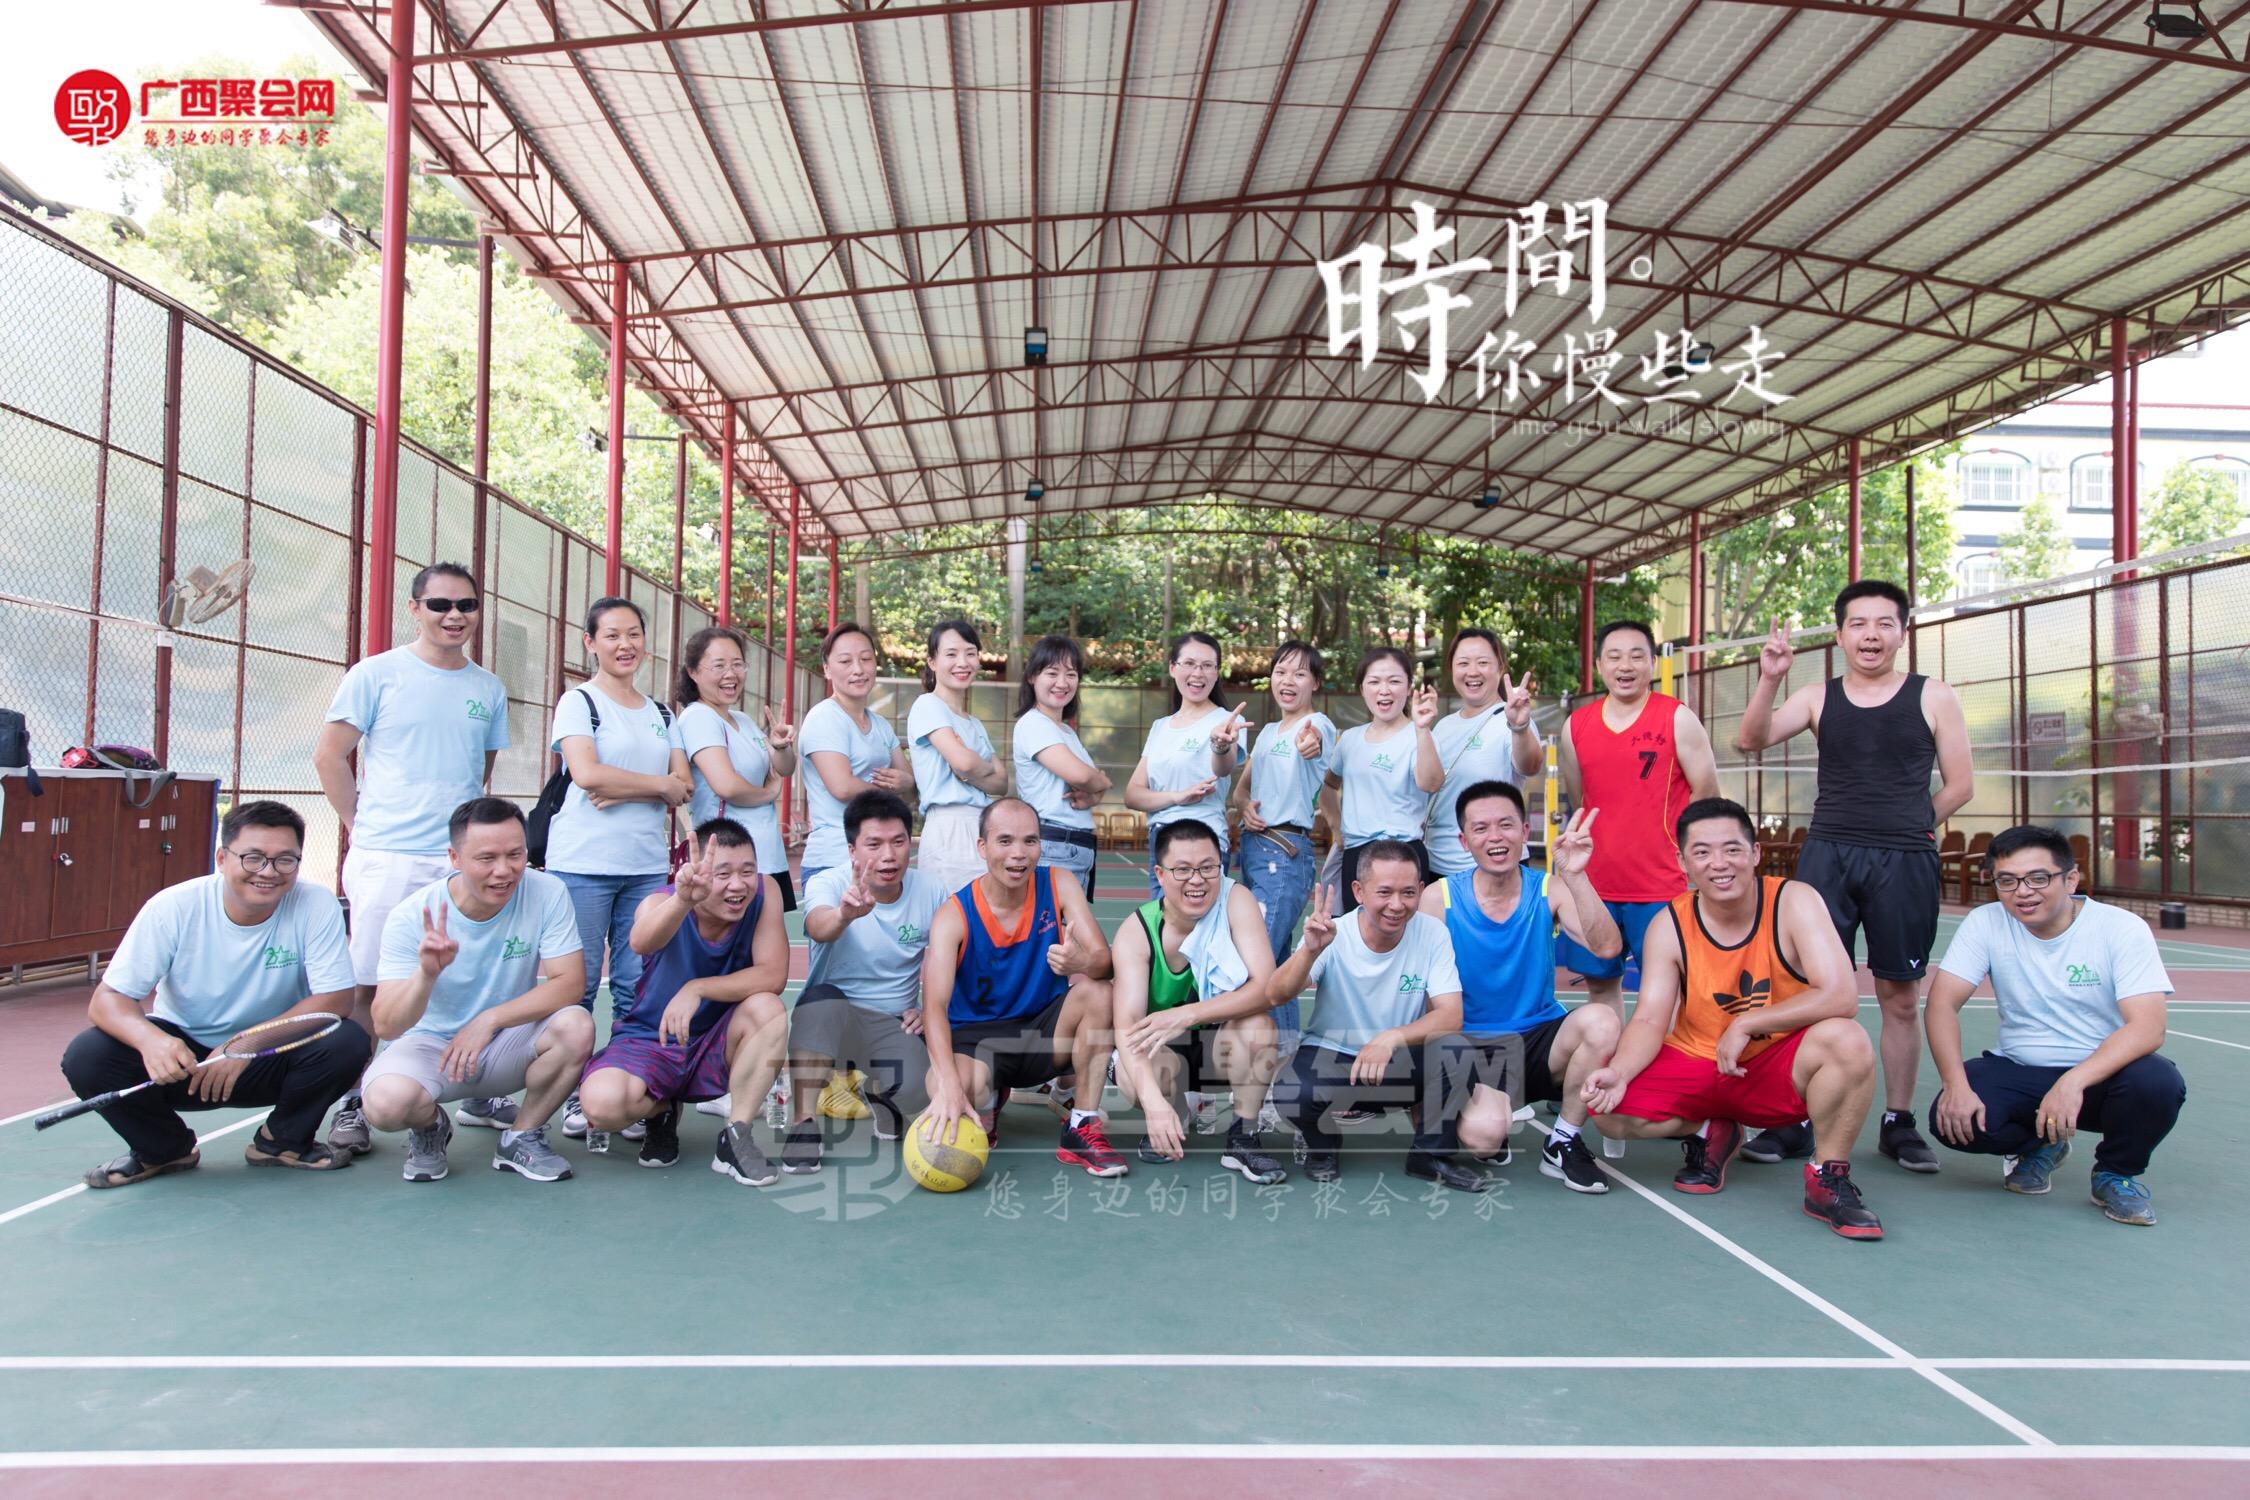 柳州铁路运输学校95级运输71班毕业20周年聚会